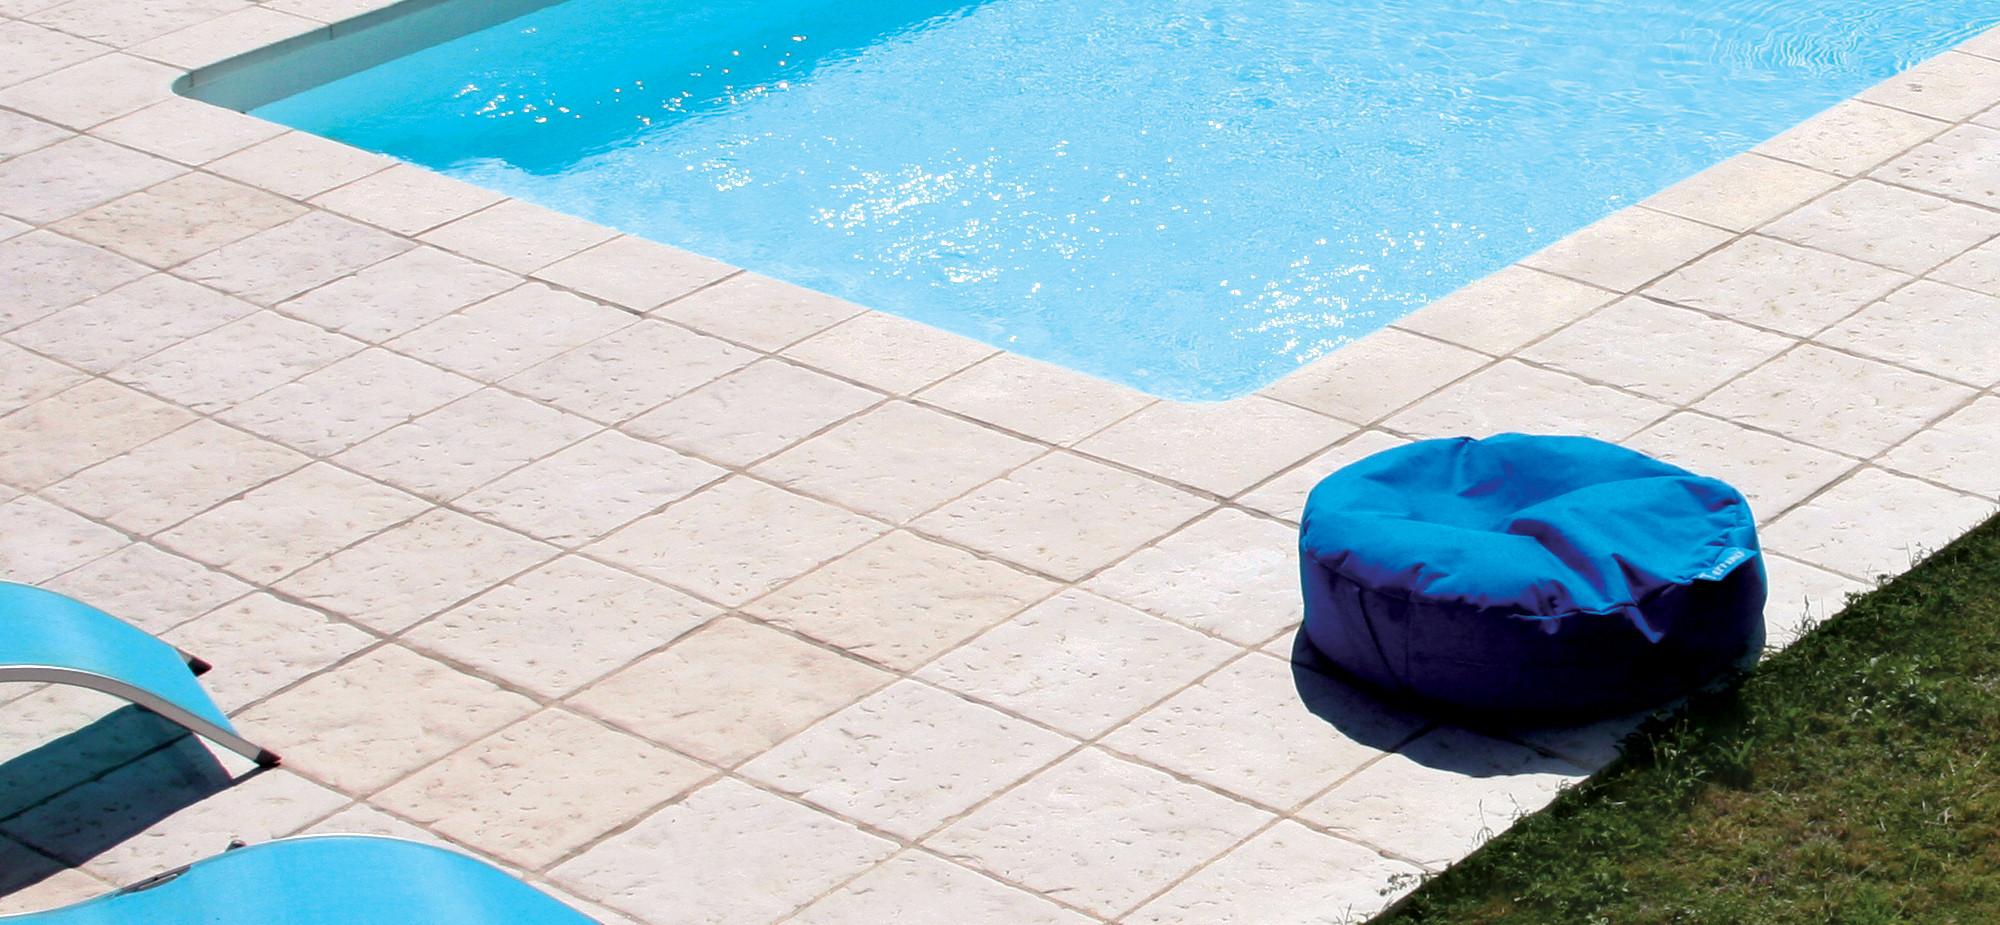 Pavimentos bracara fabistone pavimento exterior e interior for Pavimento para piscinas